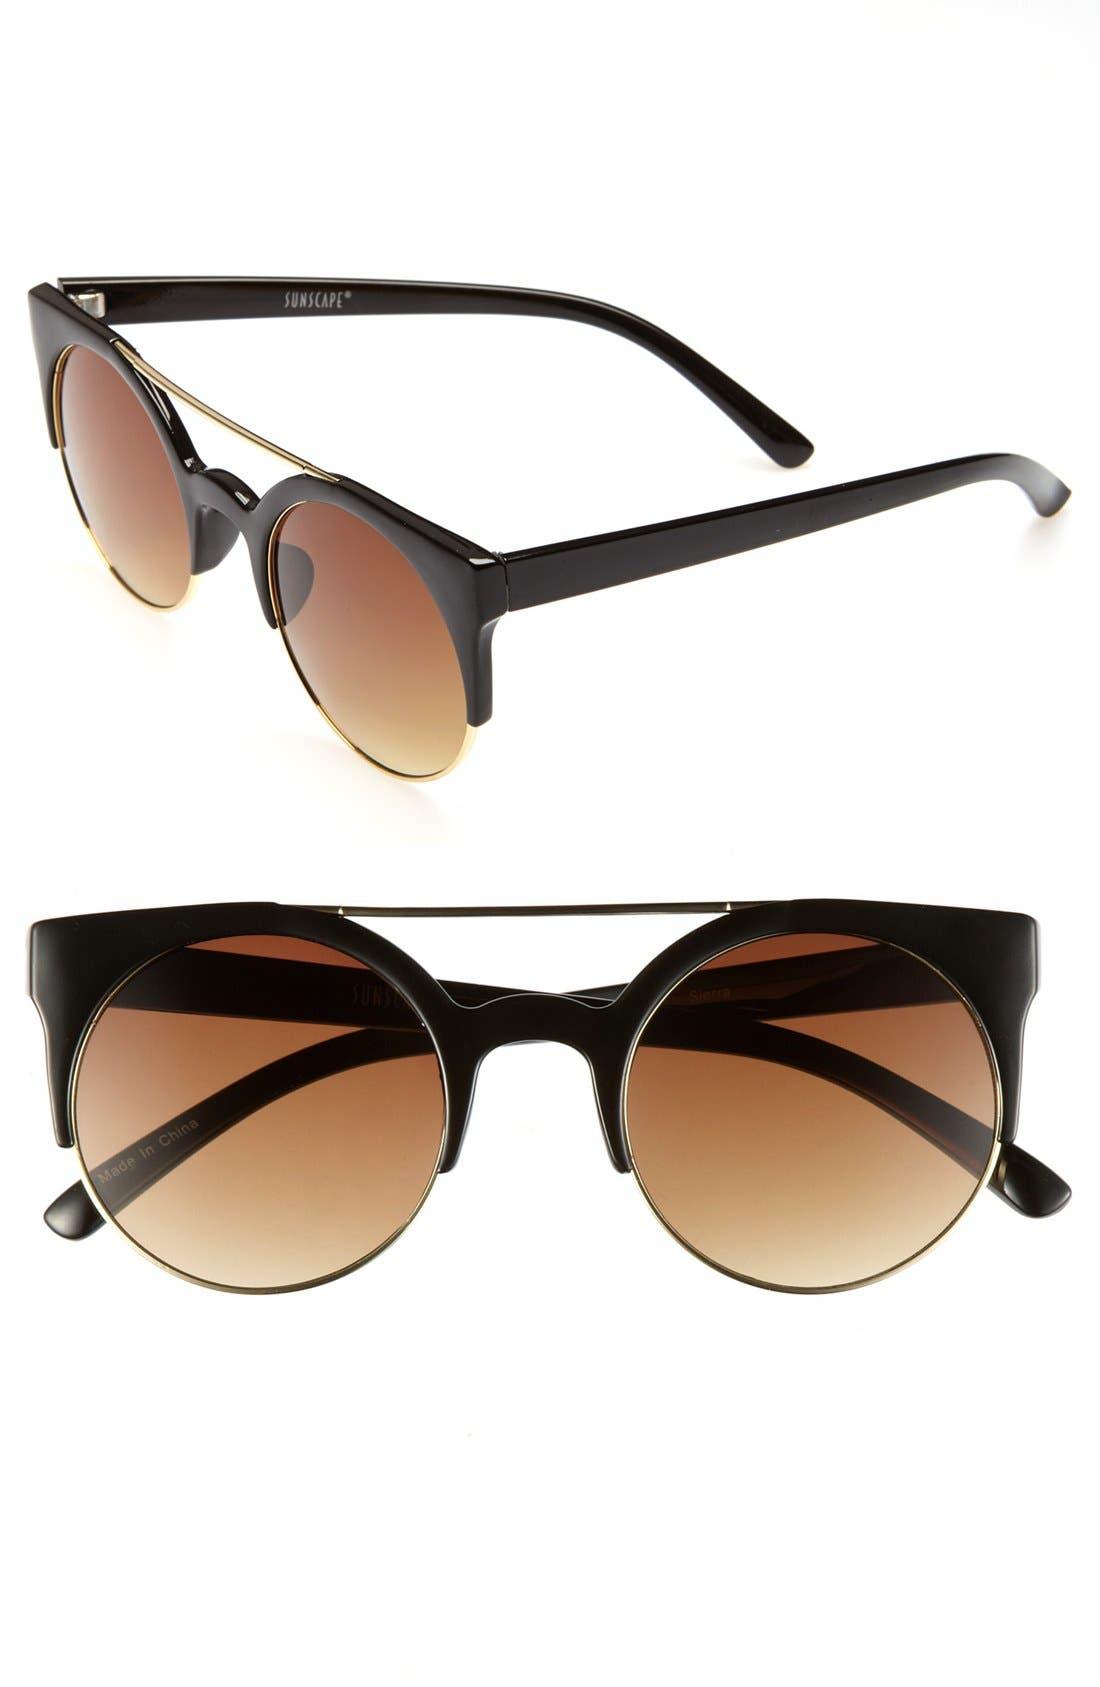 Main Image - BP. Tortoiseshell Retro Sunglasses